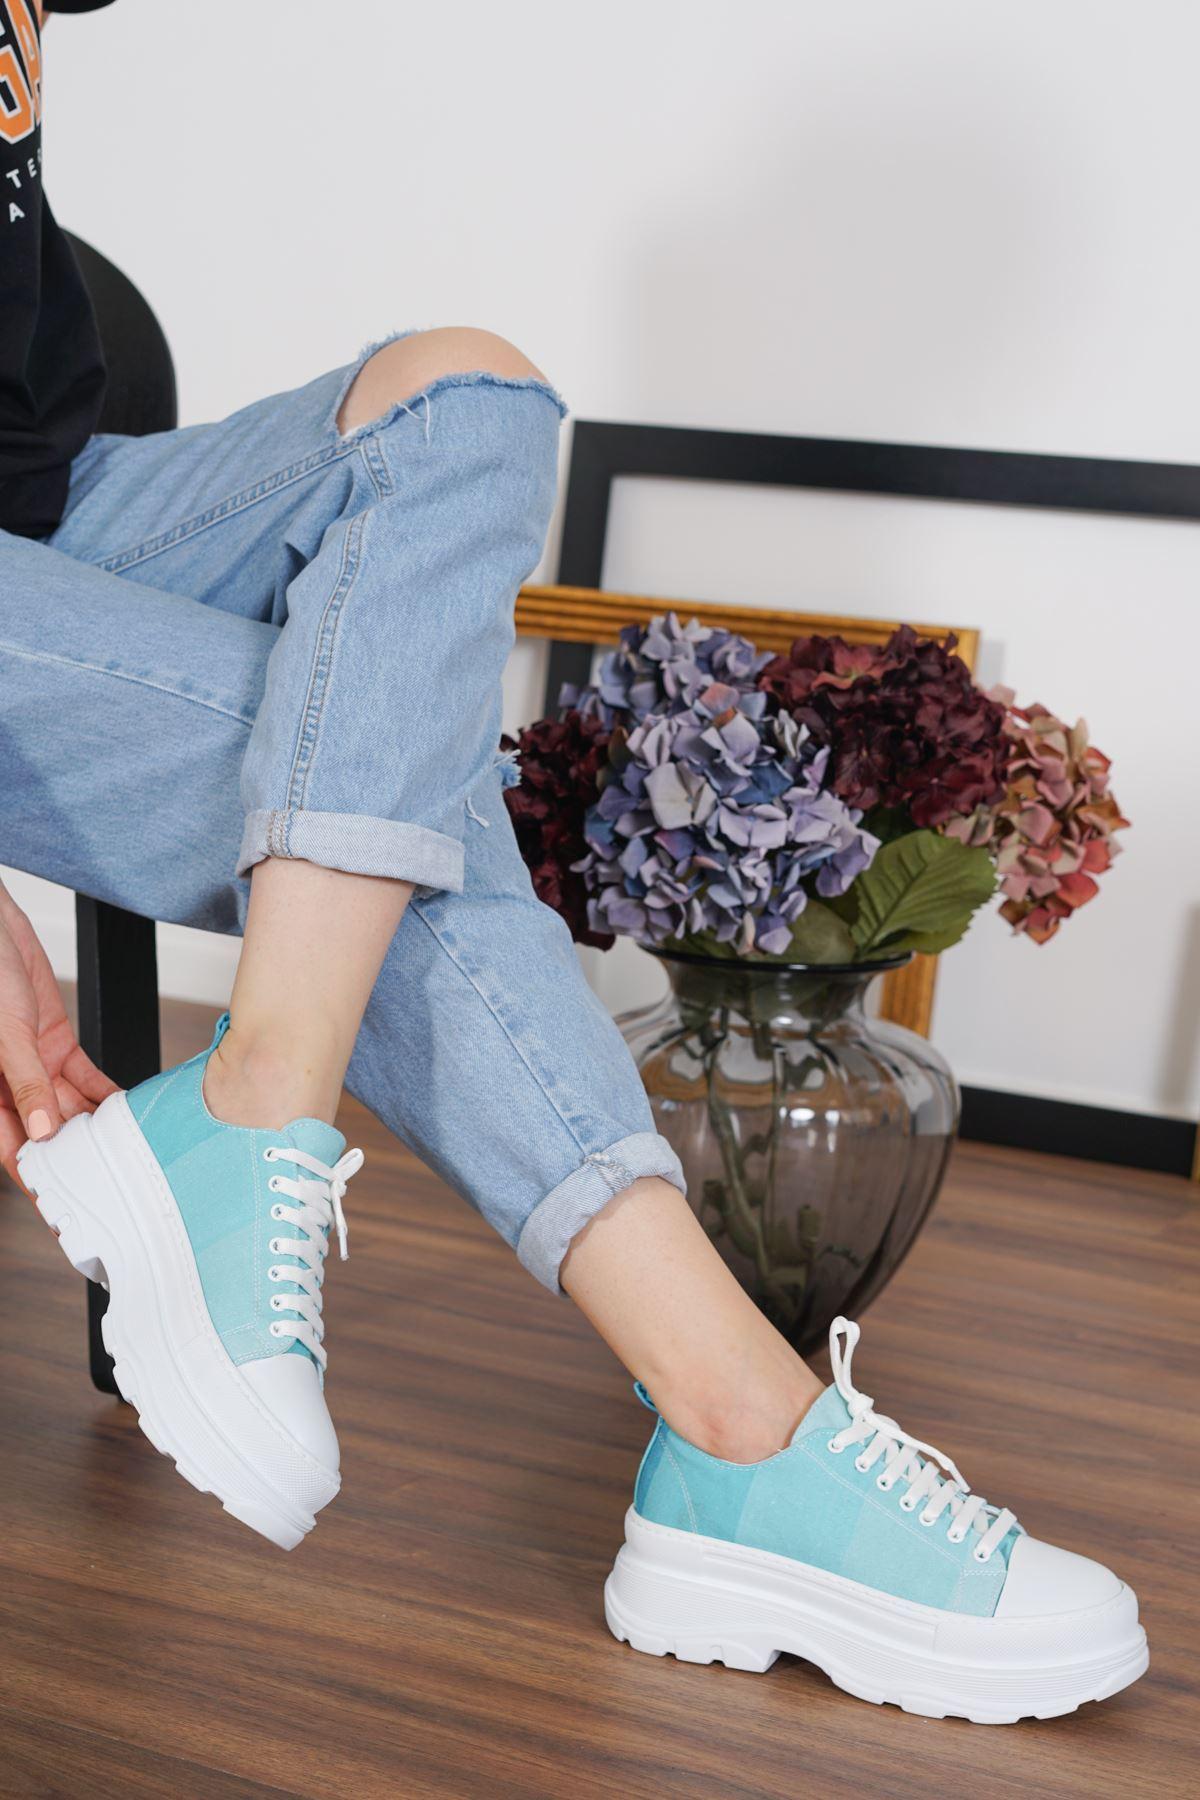 Dubai Yeşil Keten Bağcıklı Kadın Spor Ayakkabı